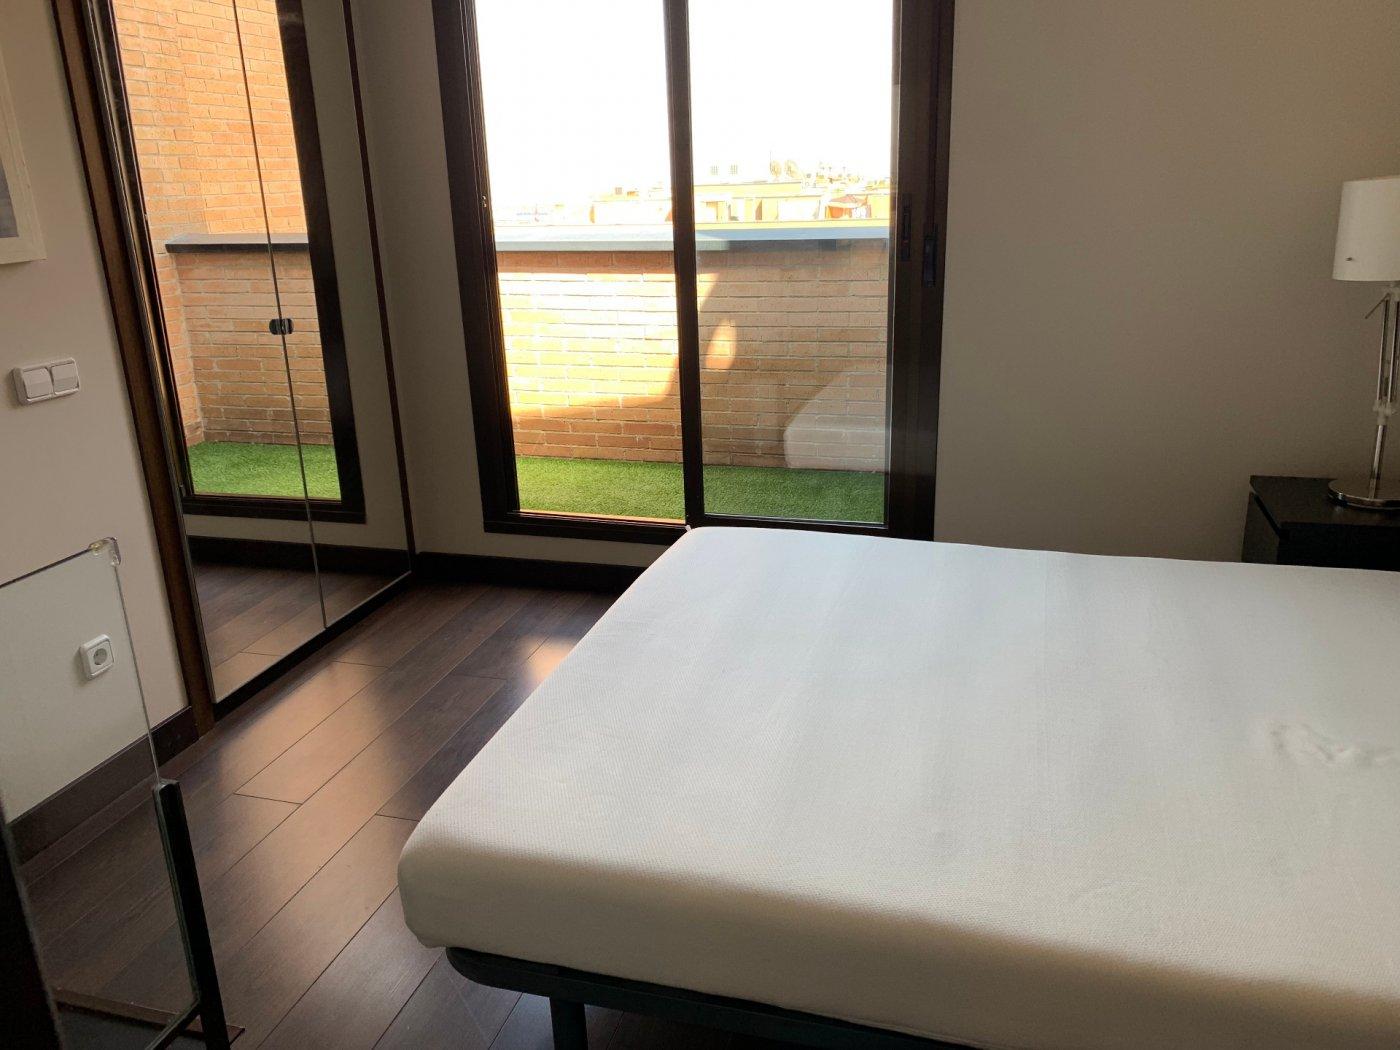 Venta o alquiler de piso en madrid - imagenInmueble17